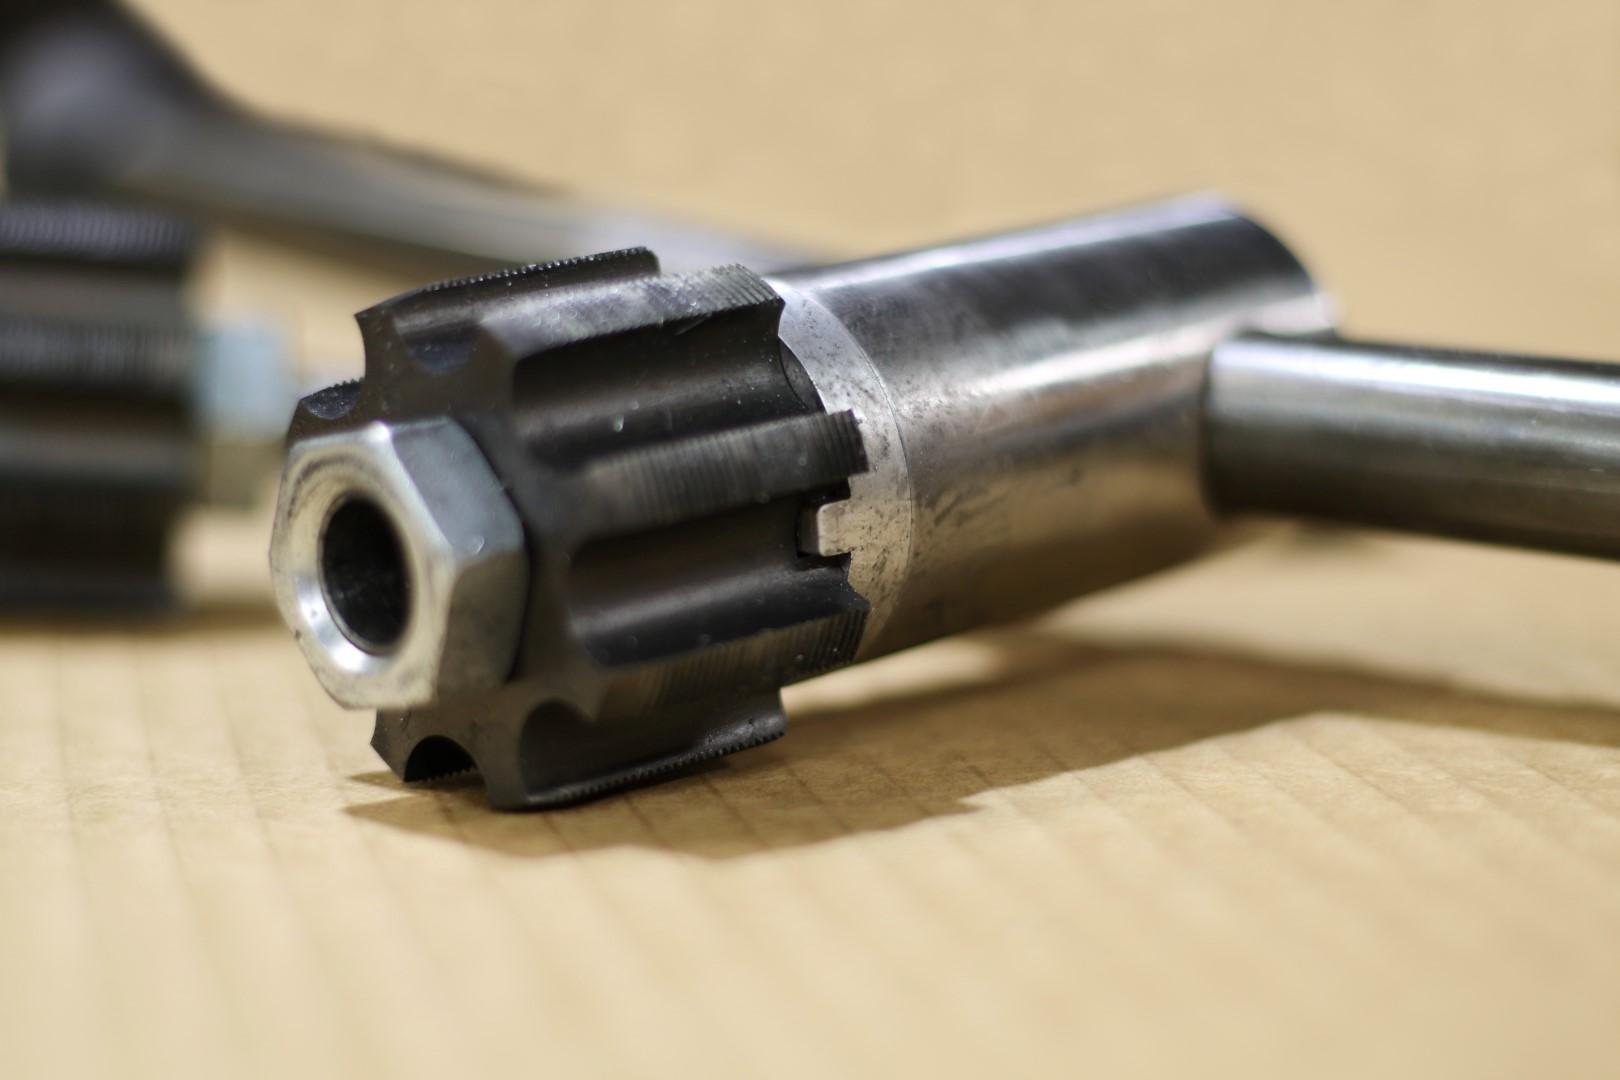 TCF-gallery-blog-tool-T47-tap-handles (7).JPG